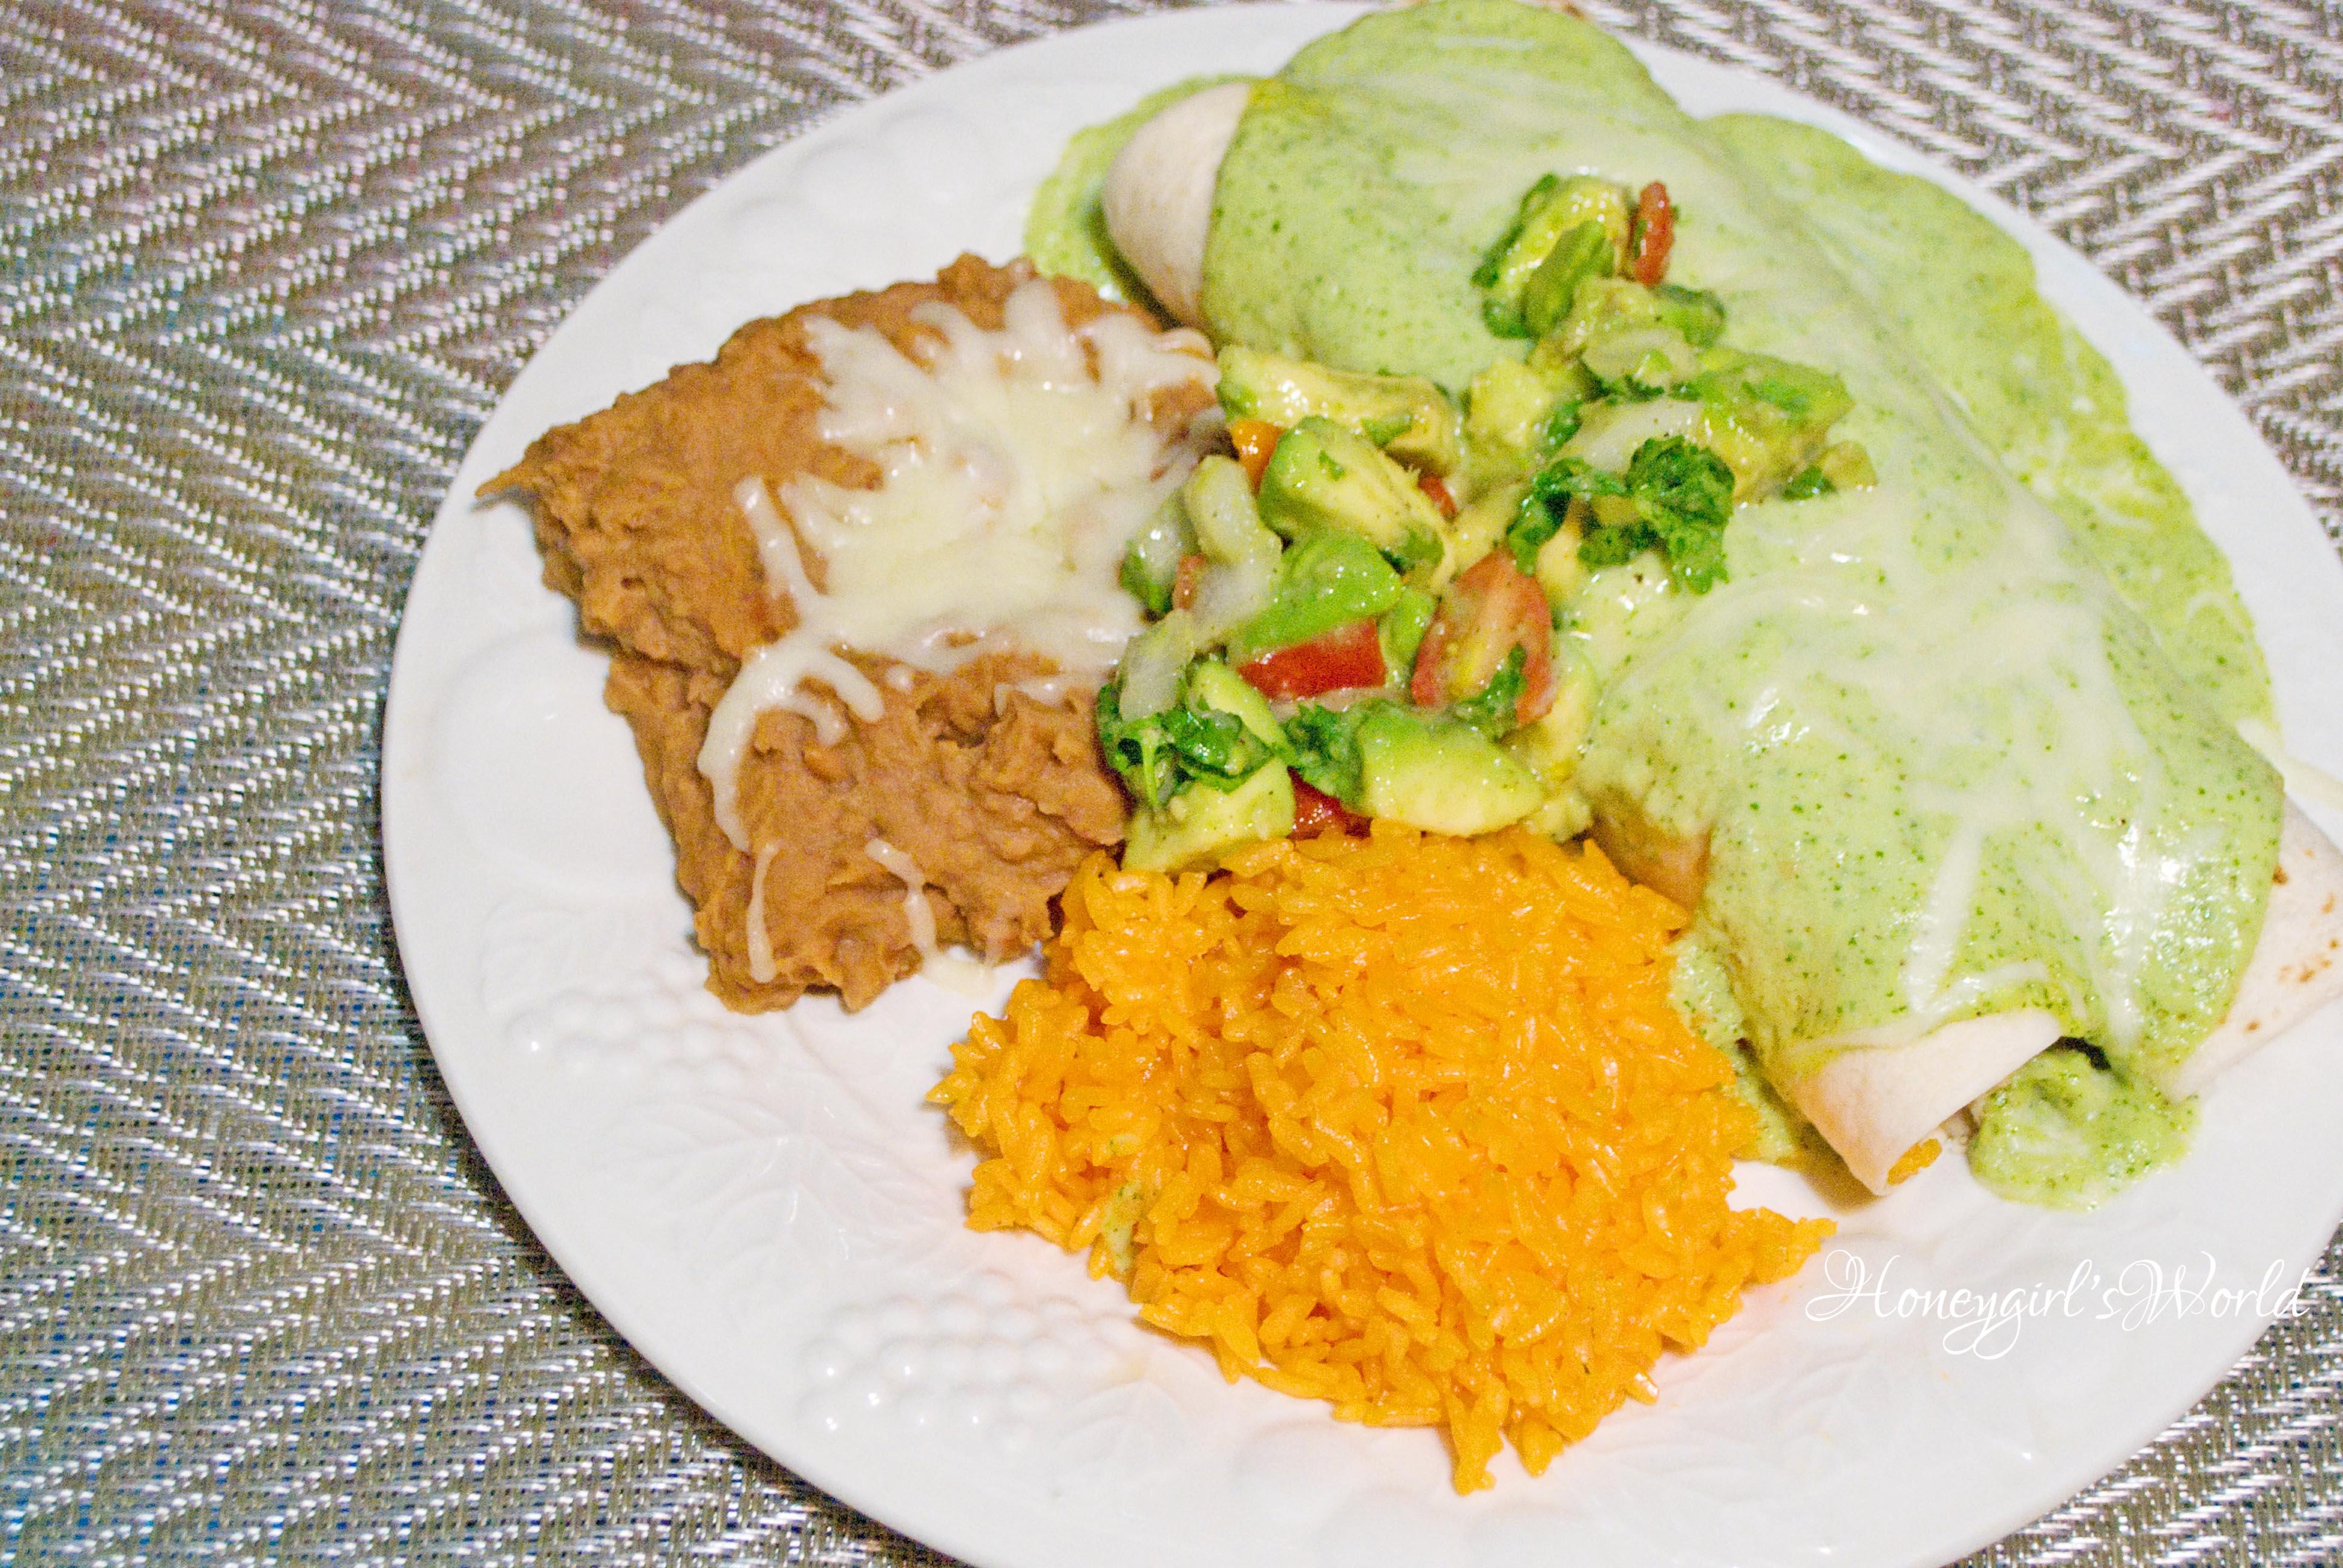 Chicken Enchilada Suizas